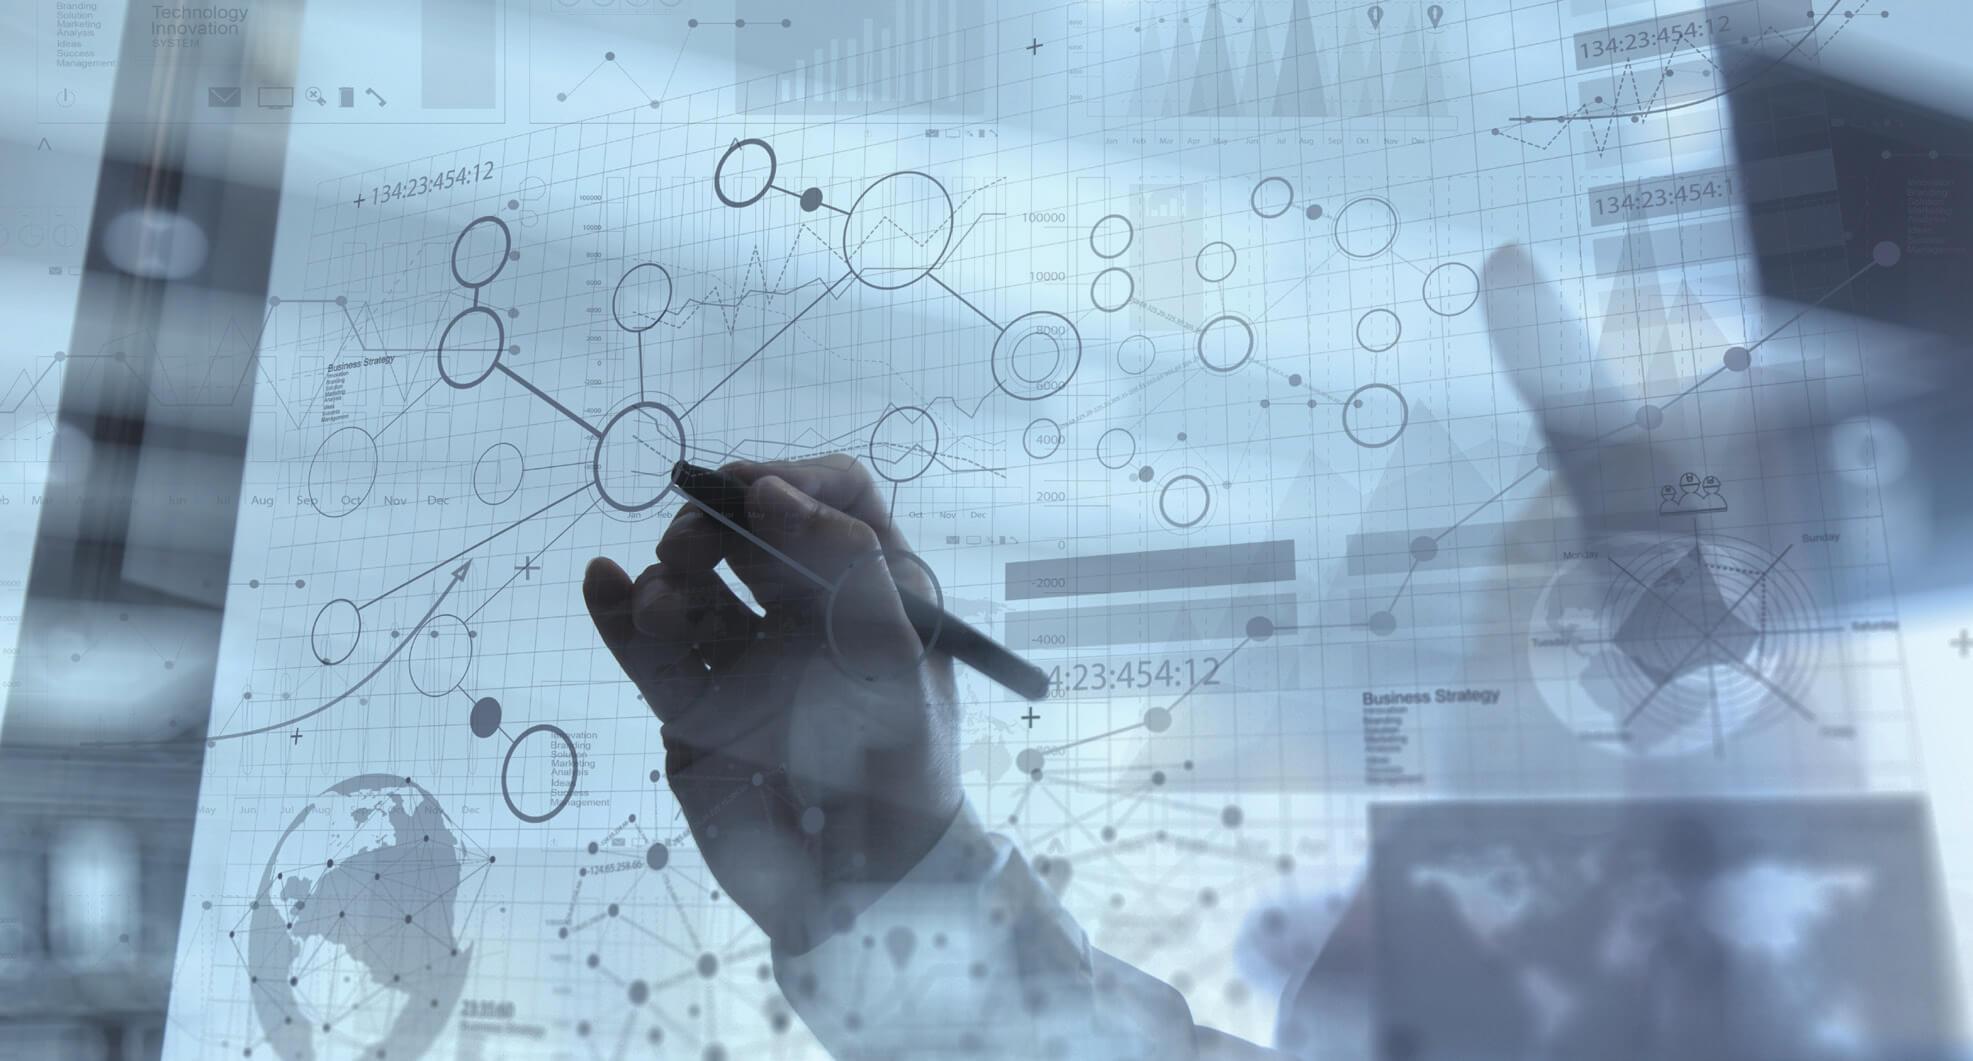 最強のデータ経営:データの分析と可視化を実現するソリューションの発展